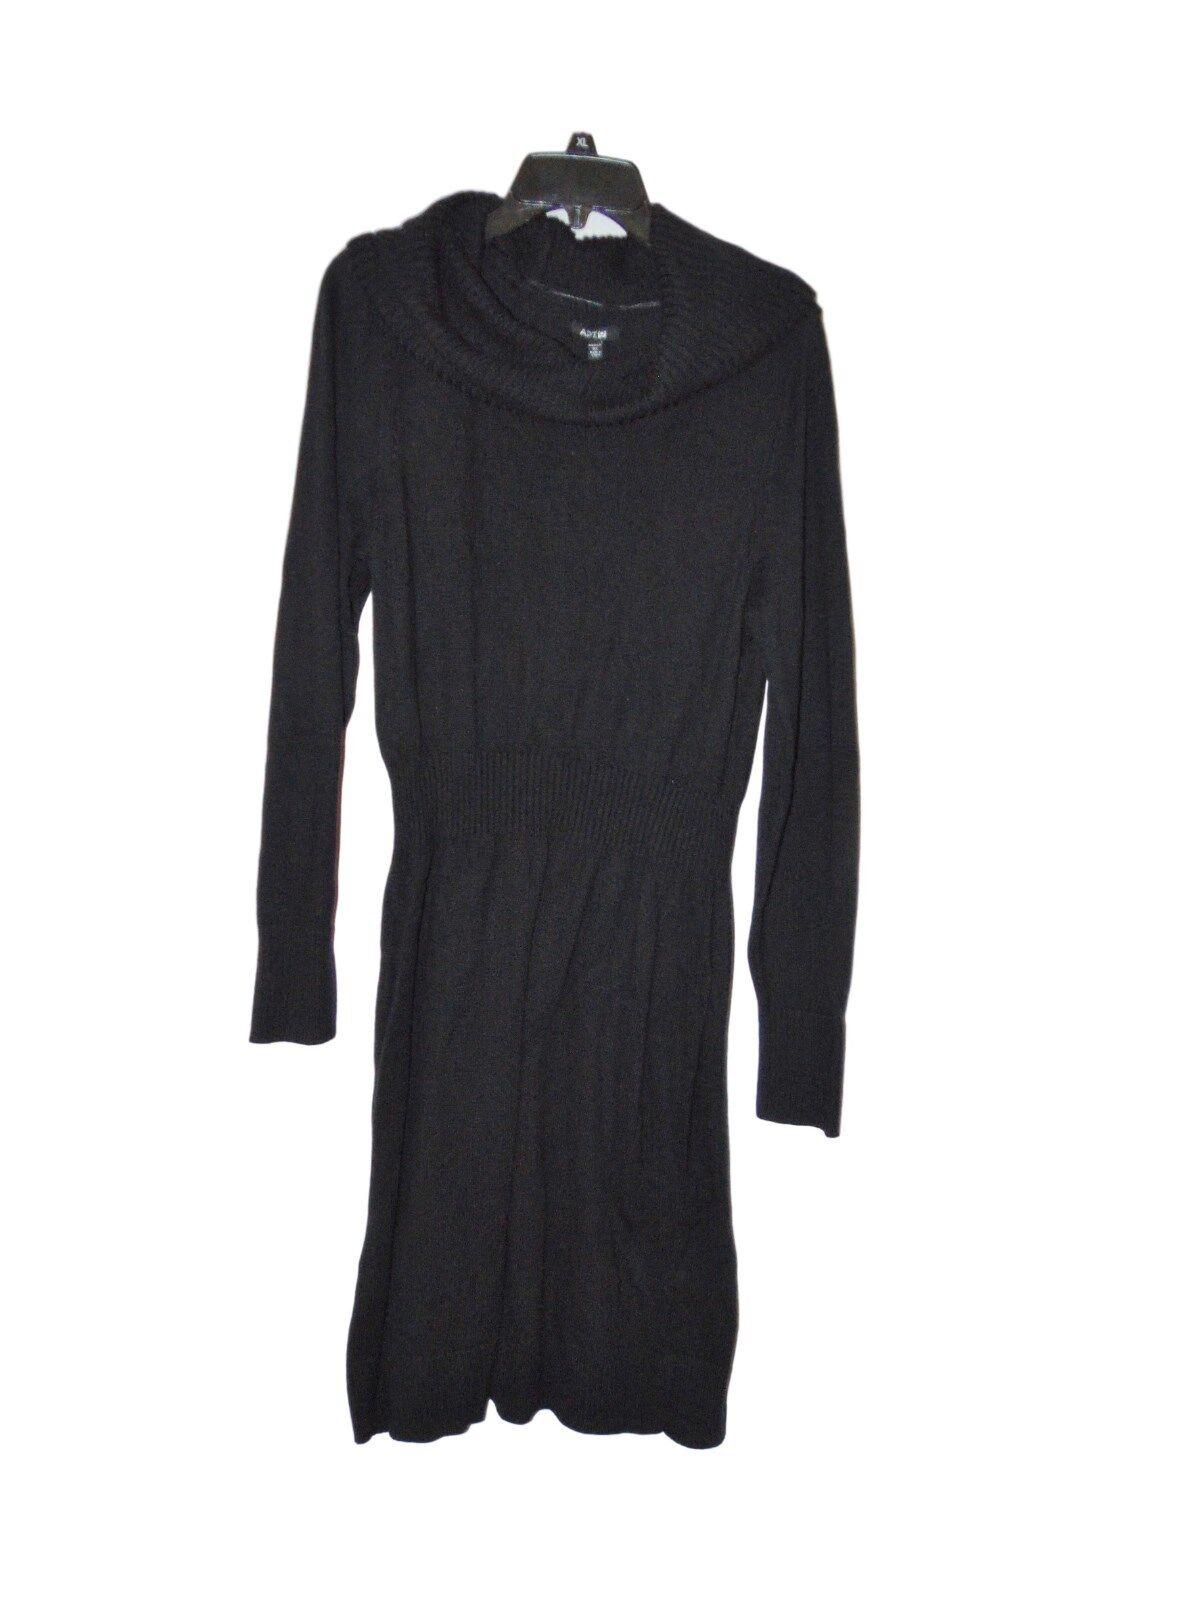 Apt. 9 Rib Waist Cowl Neck Sweater Dress Size 1x Black | eBay